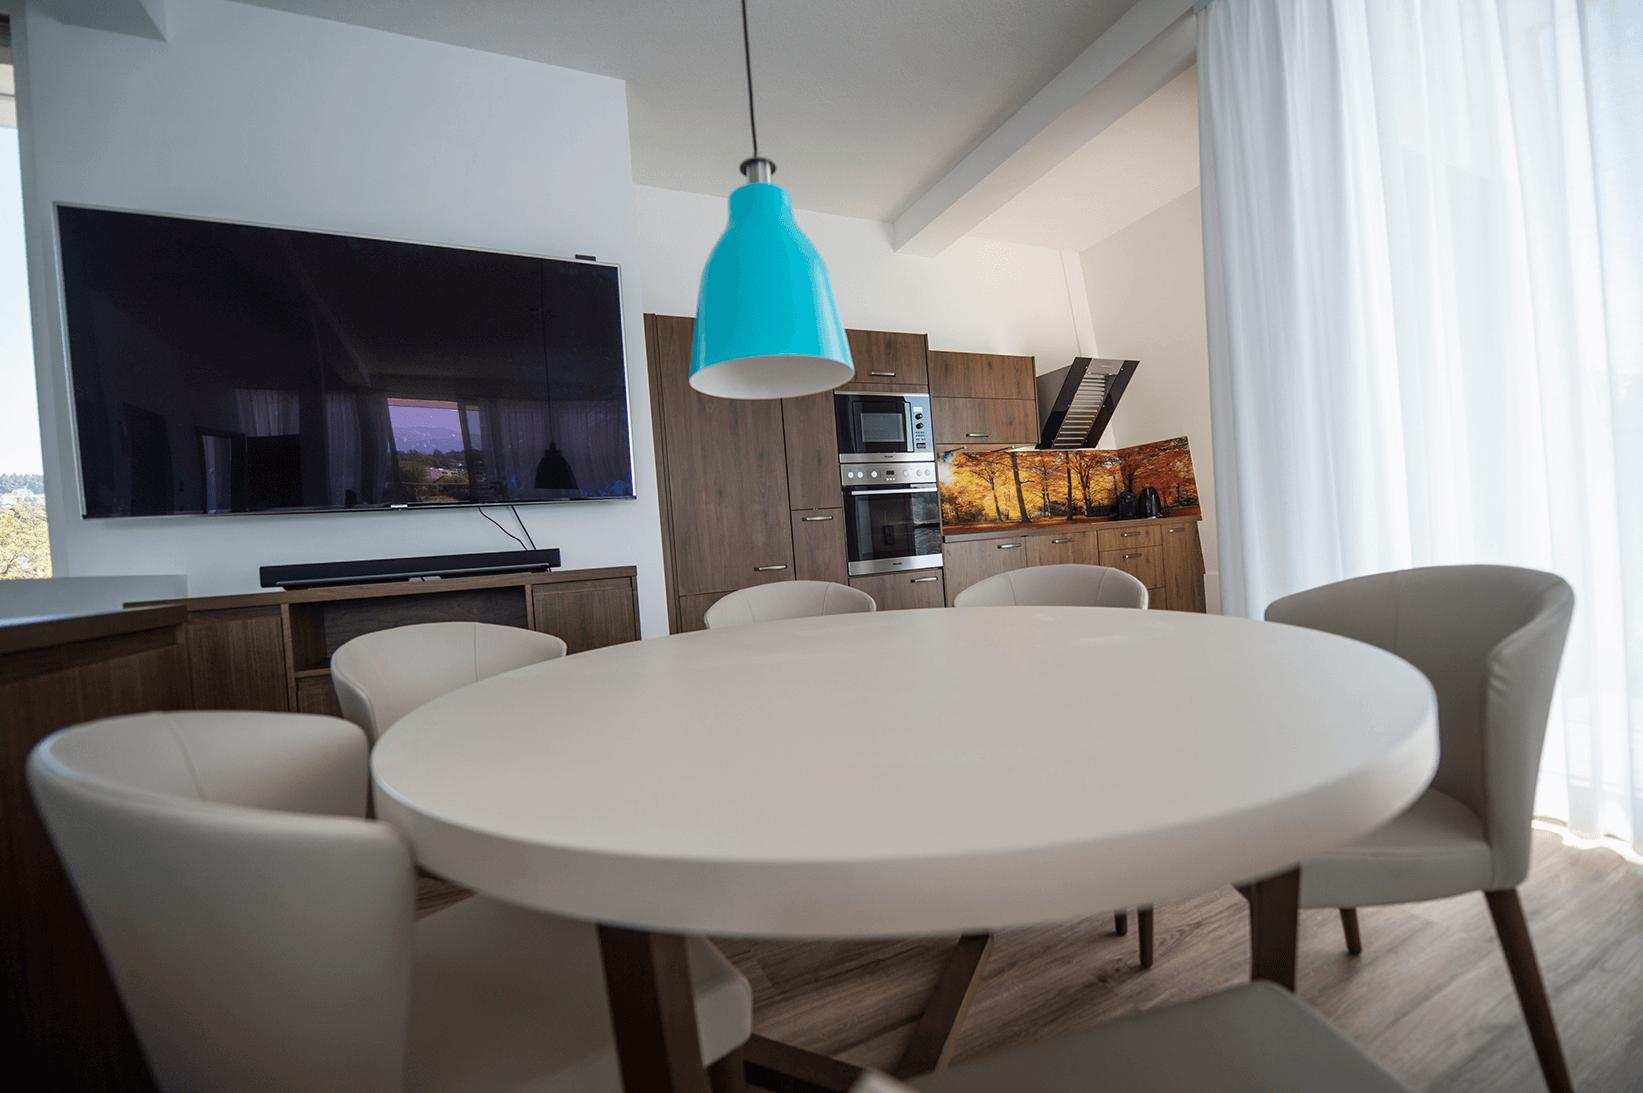 voll ausgestattete Küchenzeile_Penthouse_Boutiquehotel_Wörthersee